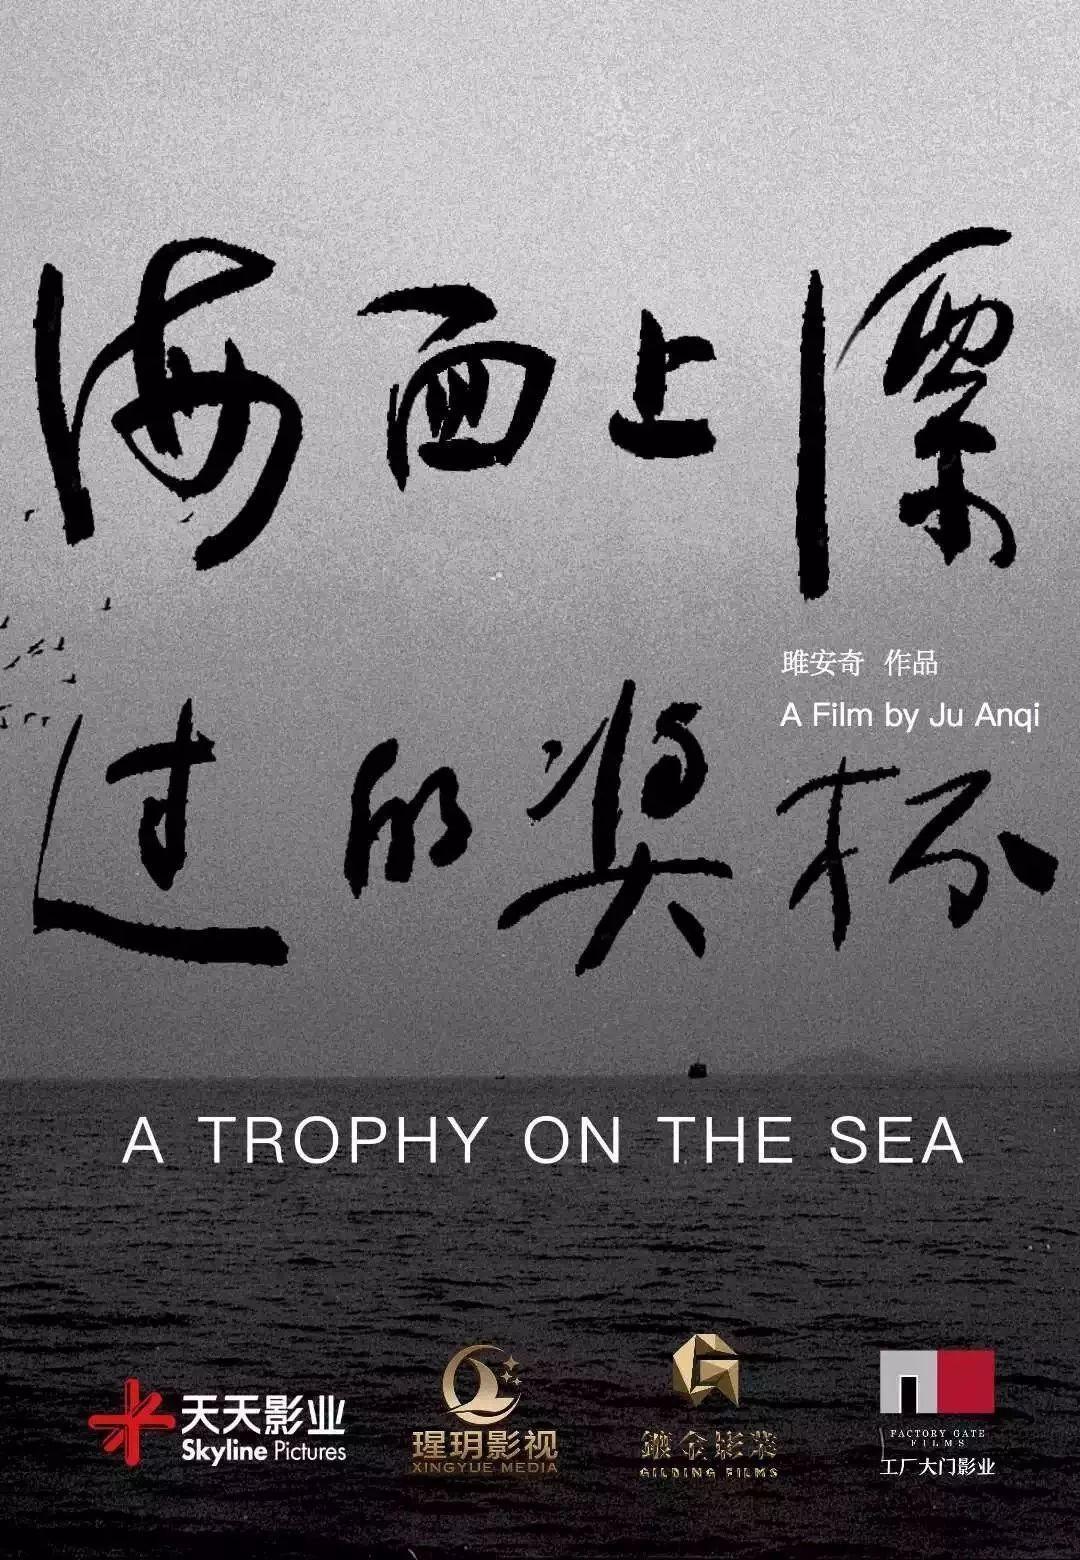 海面上漂过的奖杯